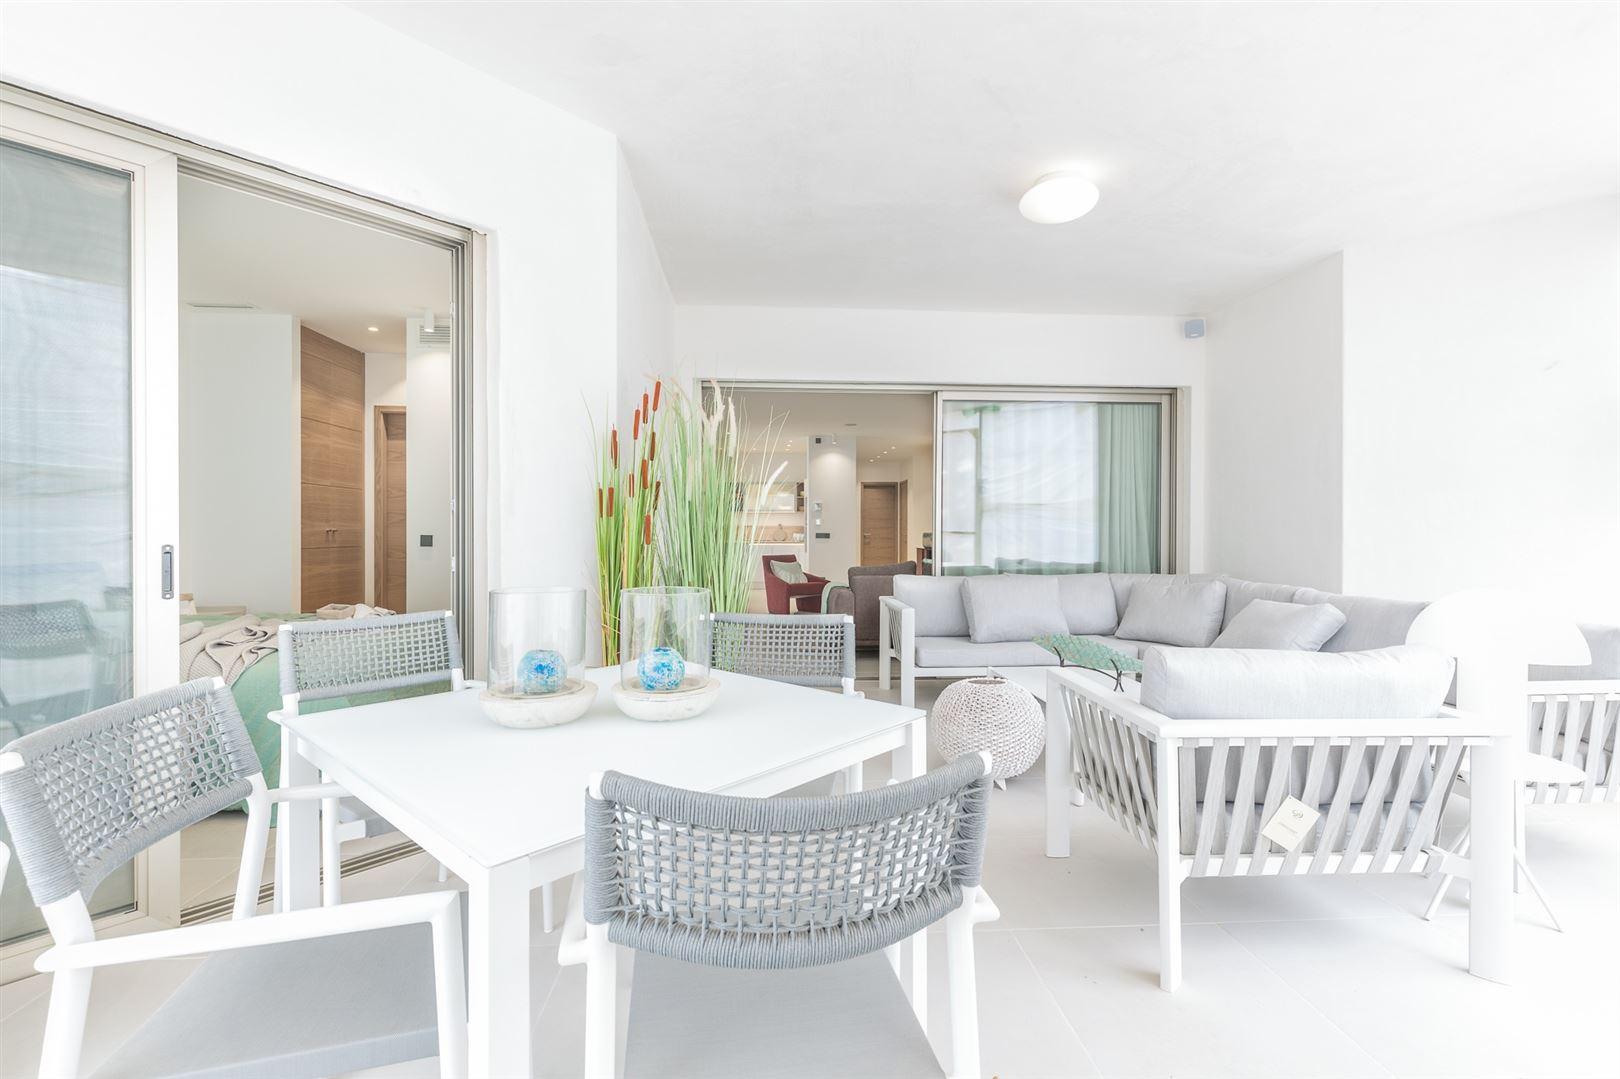 Foto 6 : Appartement te 38632 PALM MAR (Spanje) - Prijs € 450.000